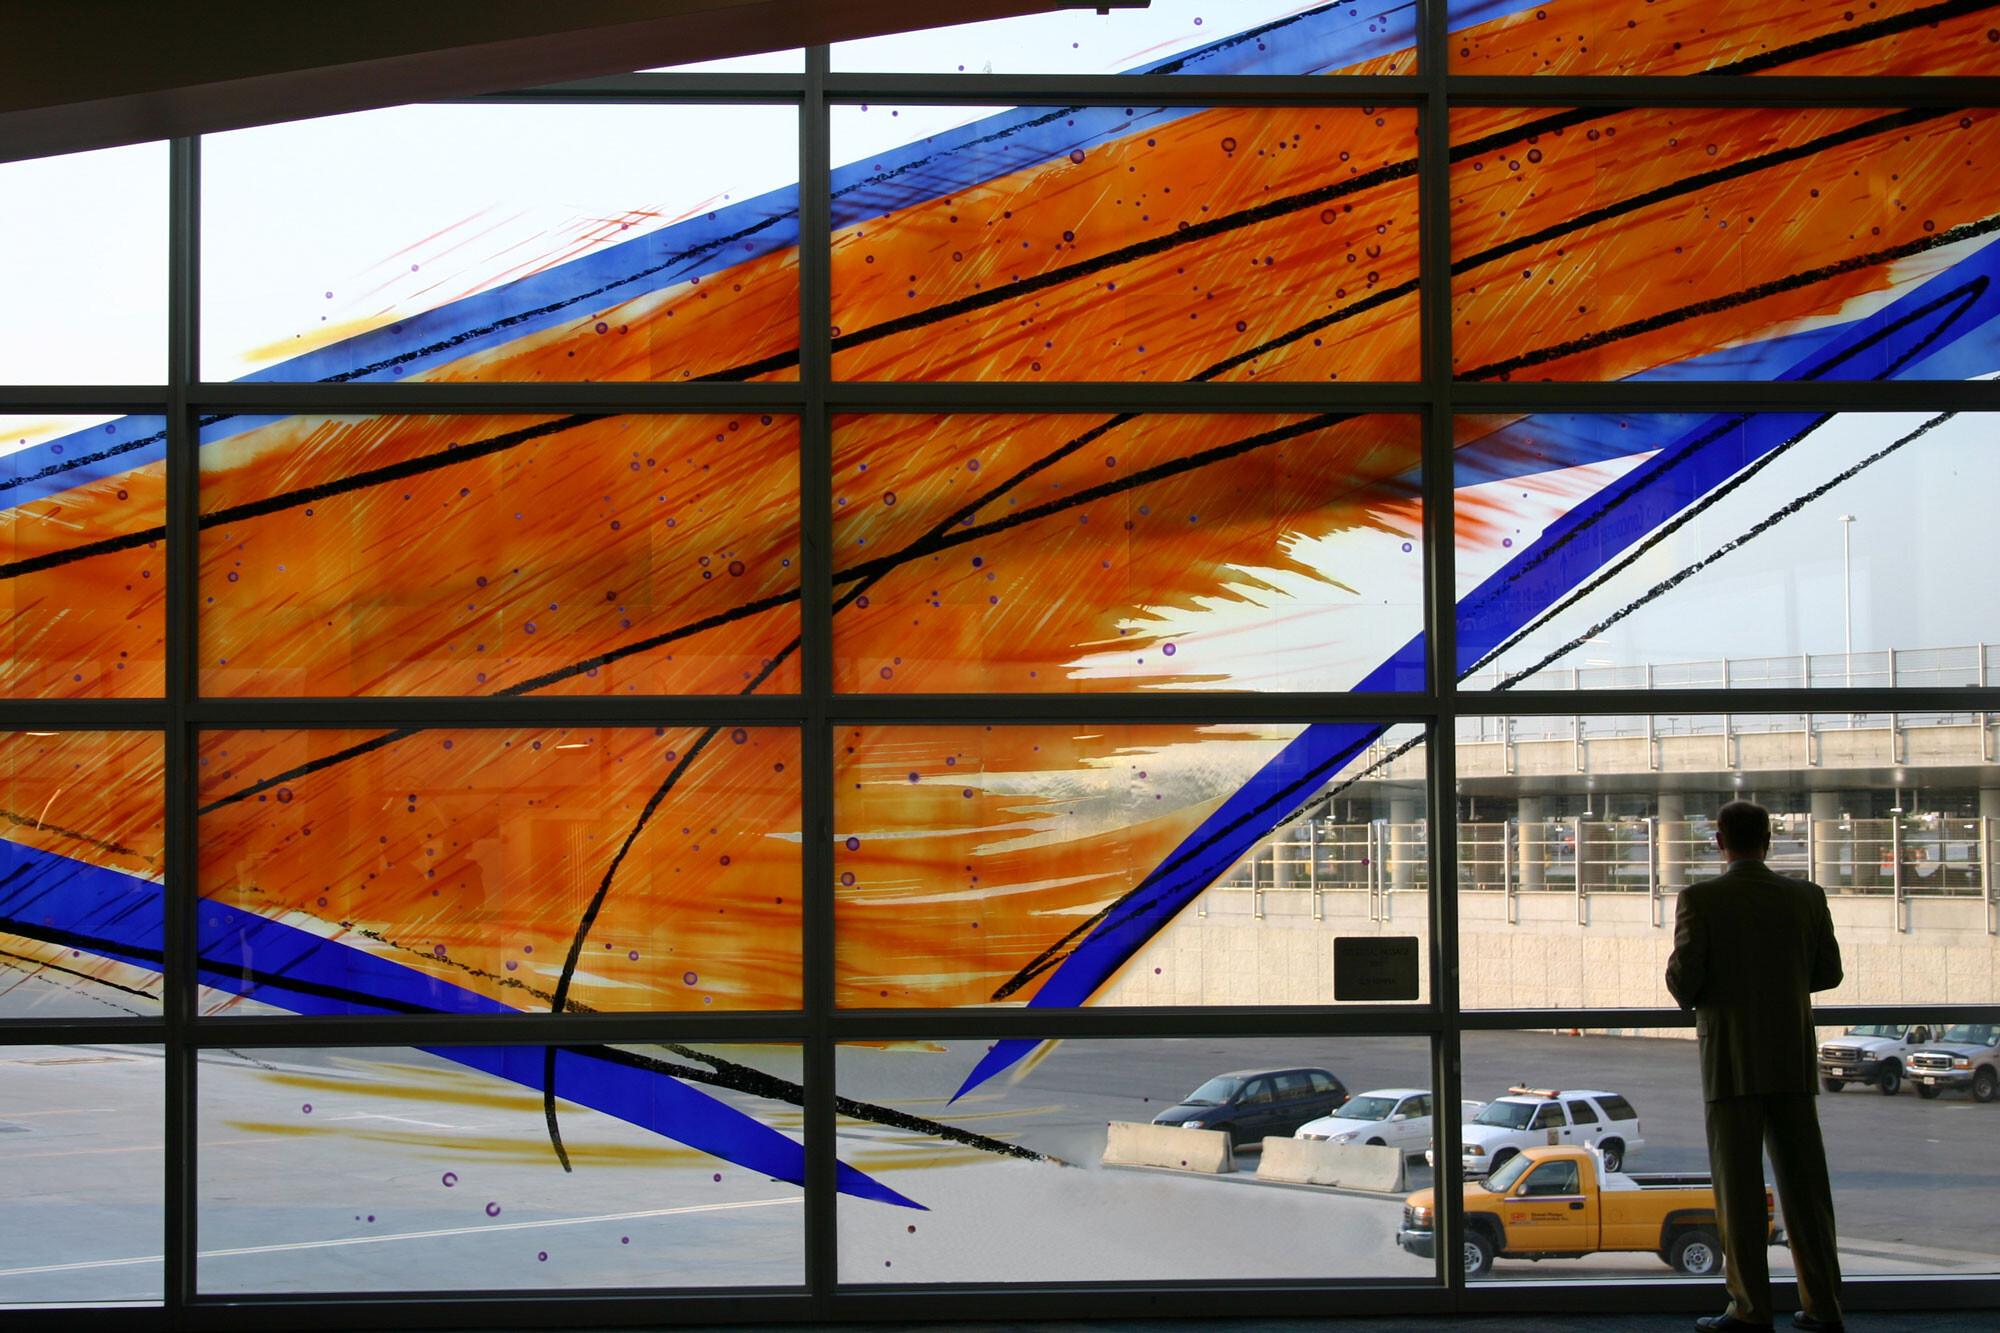 Baltimore/Washington International Airport, Baltimore, MD